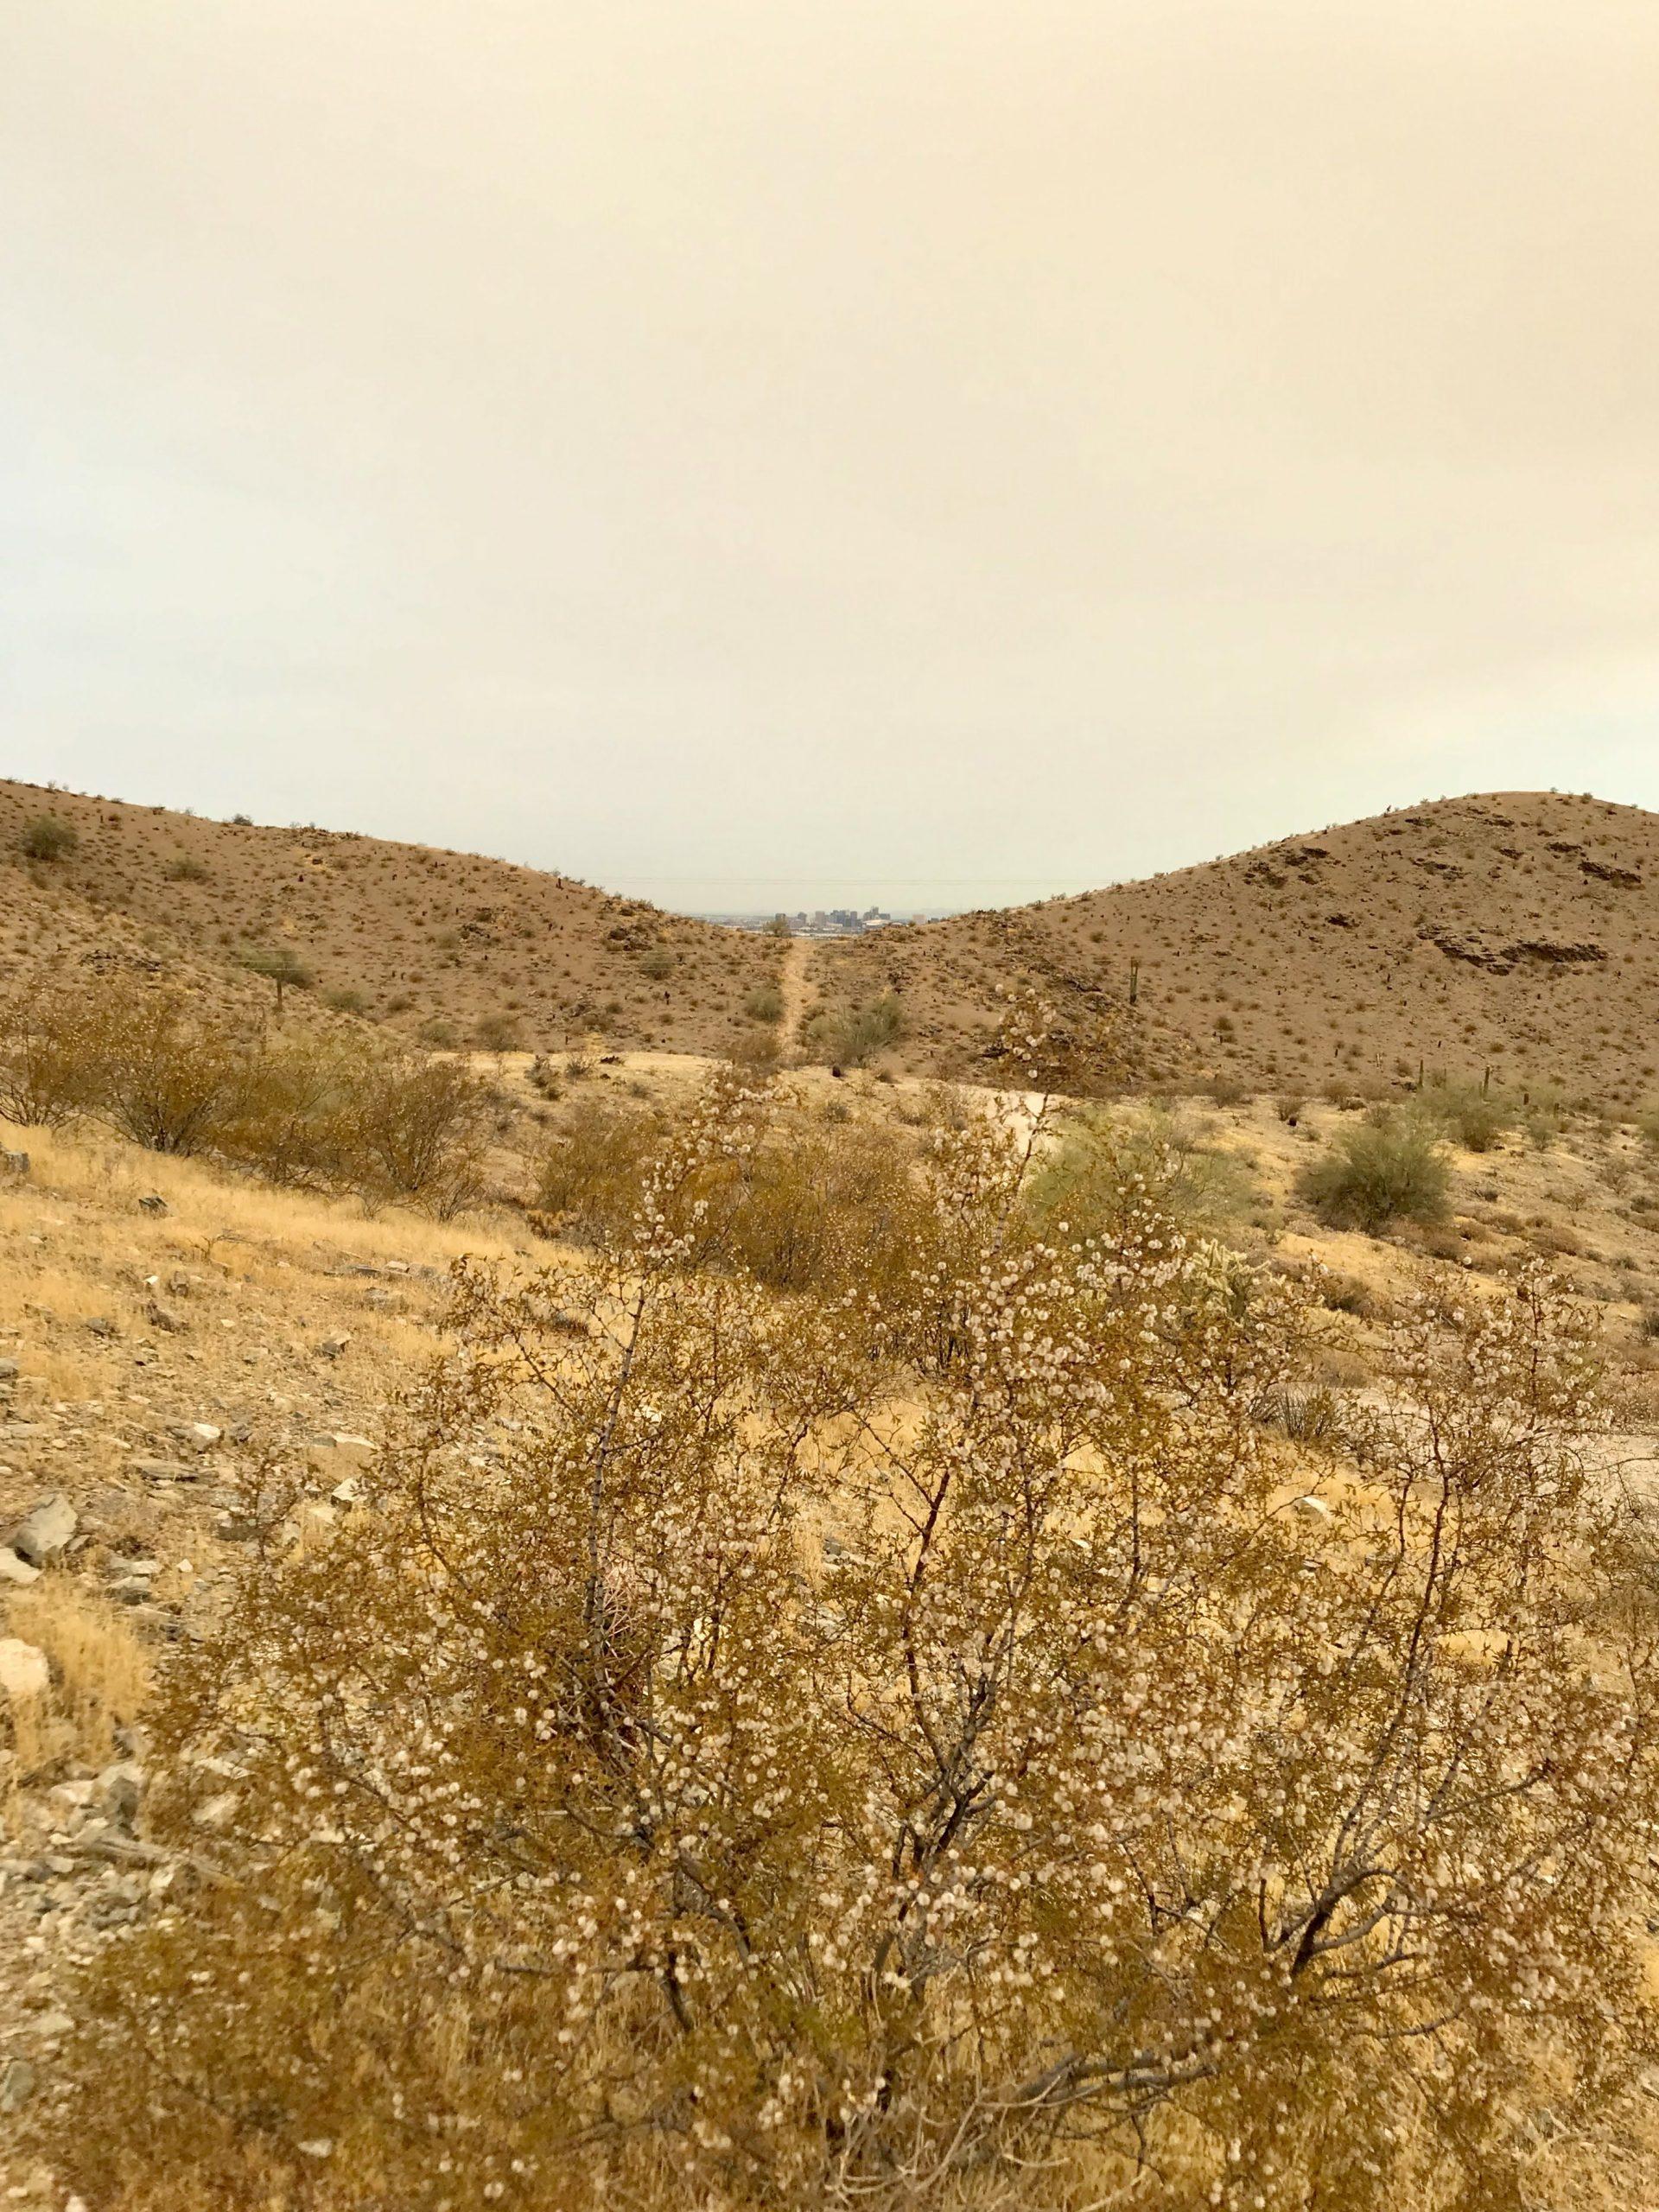 Ridgeline and Pima Wash Trail hike downtown Phoenix